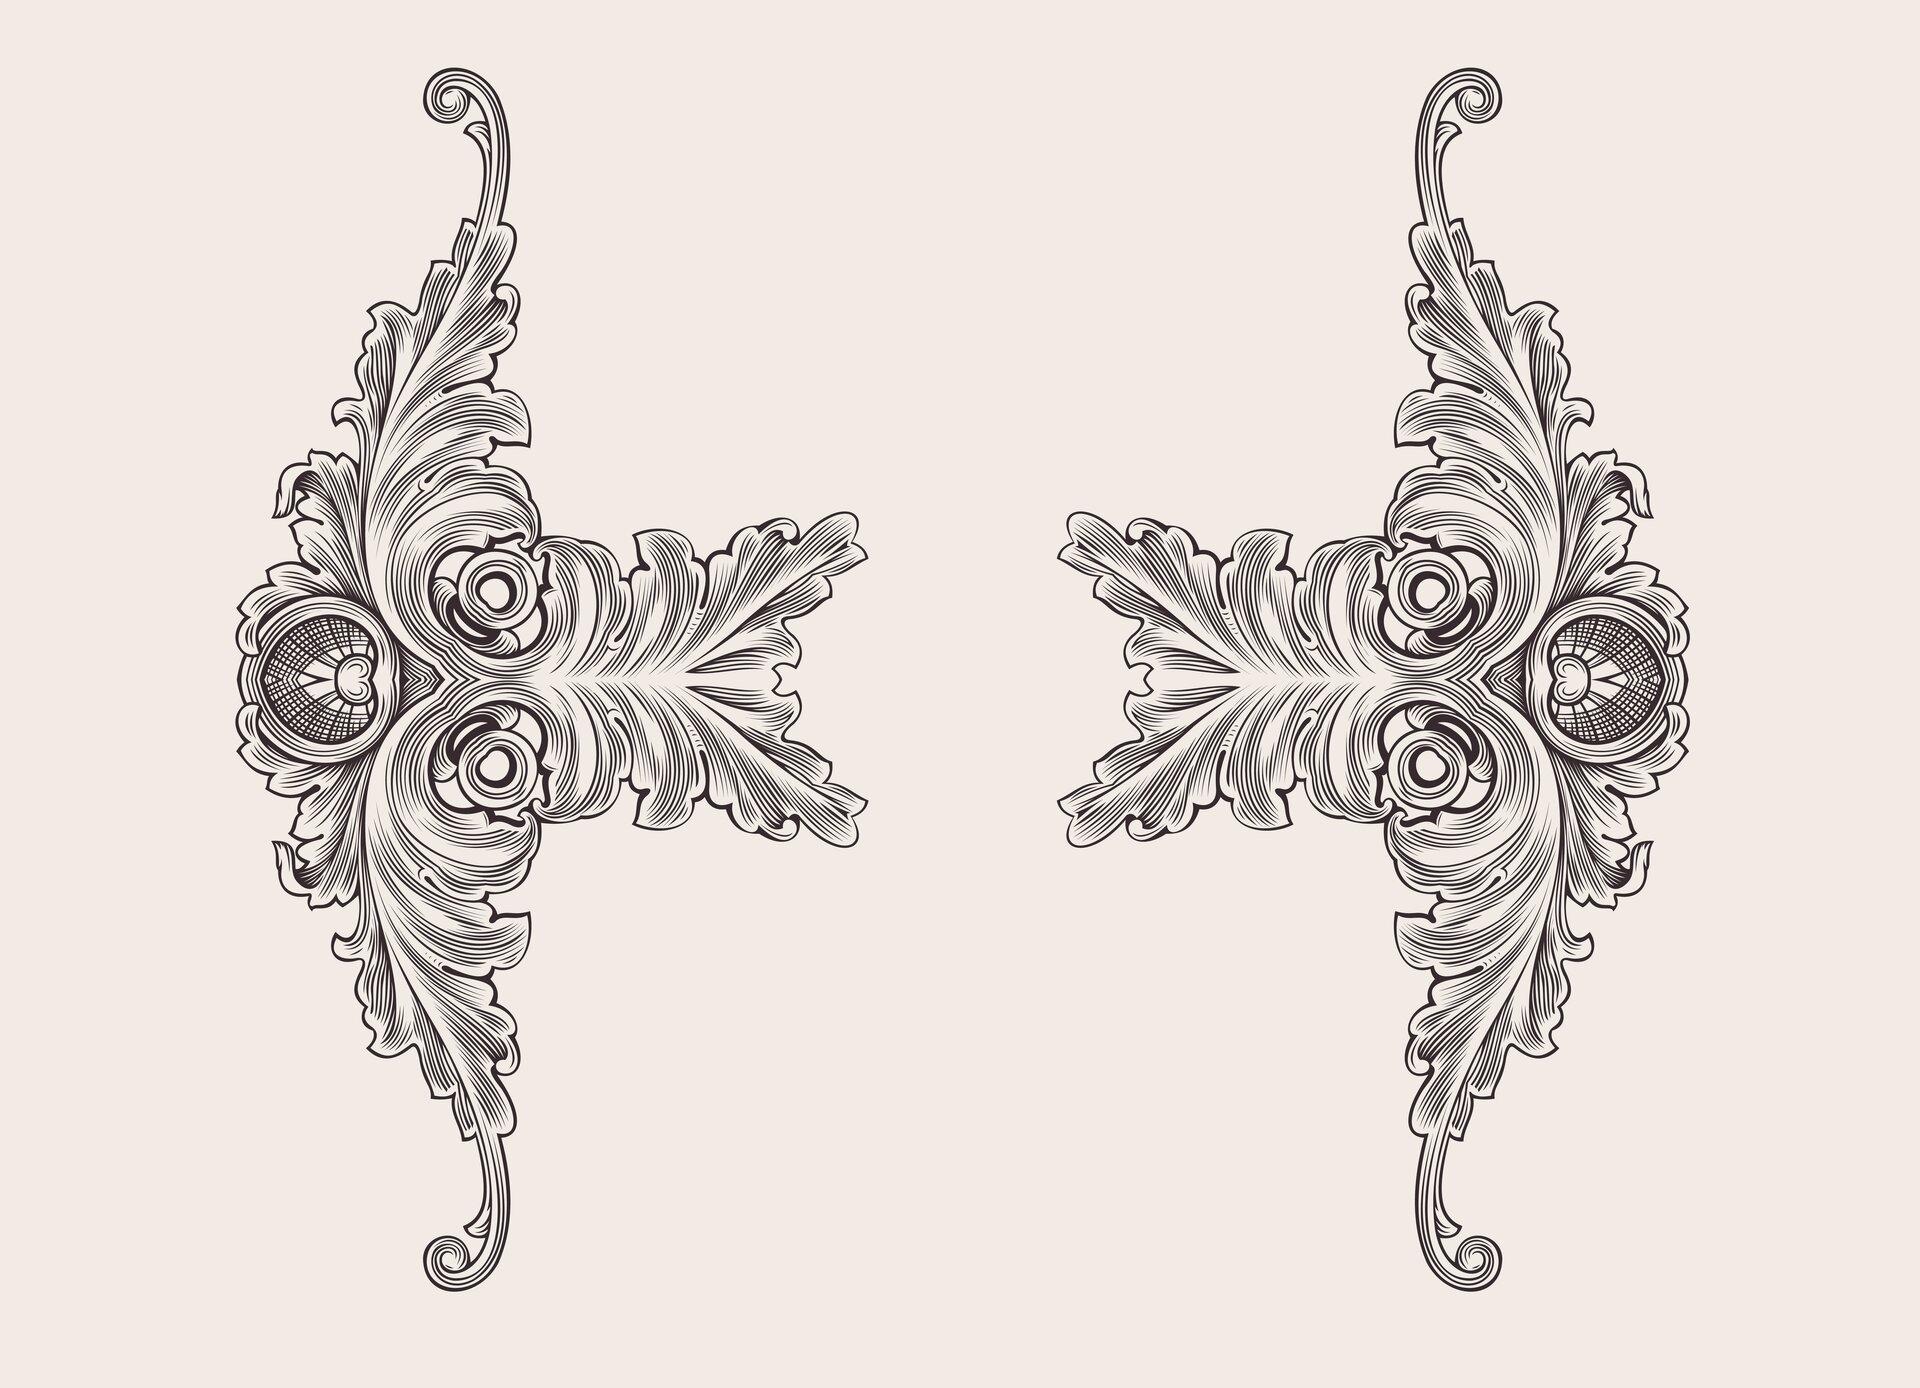 Ilustracja przedstawia motyw rocaille. Jest to motyw dekoracyjny wpostaci ornamentu charakterystyczny dla zdobnictwa architektury rokokowej.